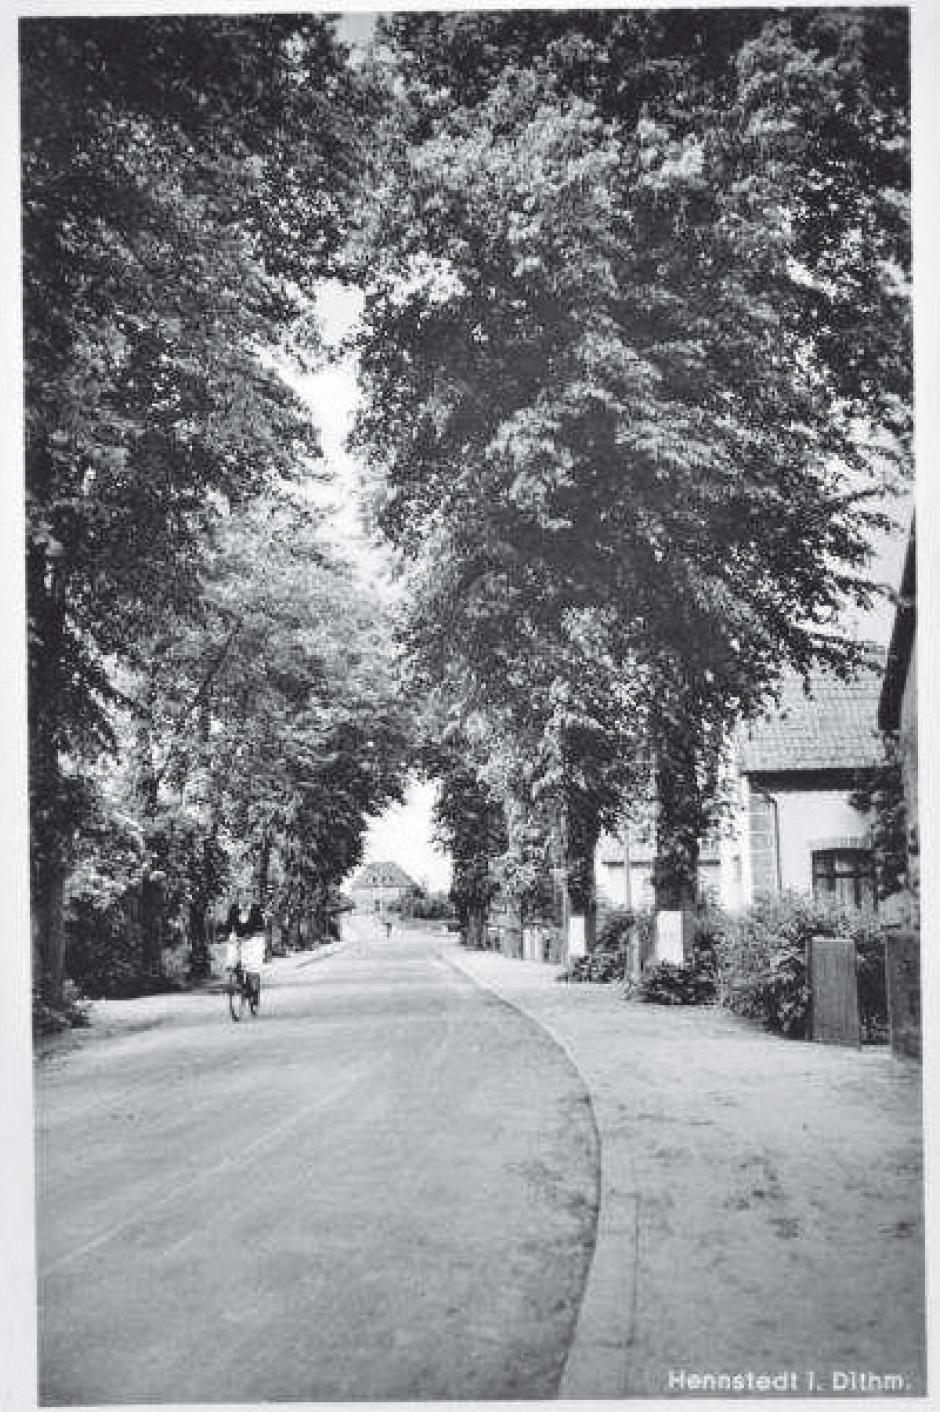 dorf_bilder/Chronik-Hennstedt-268.jpg